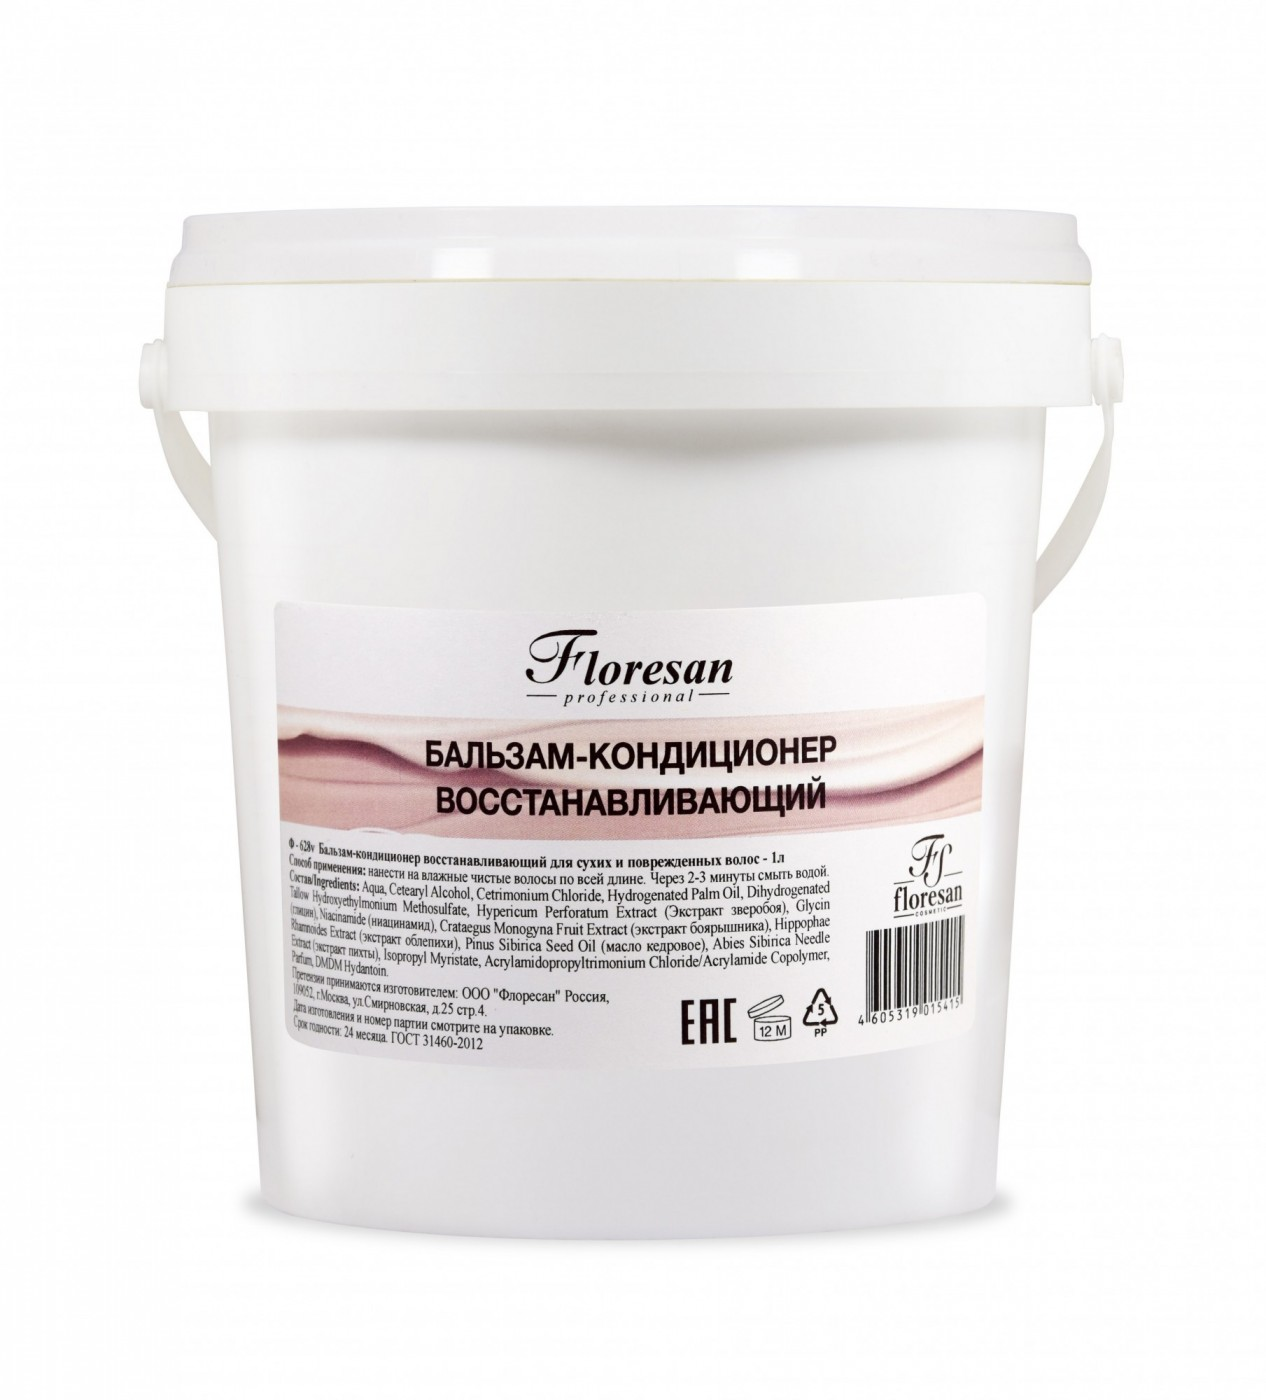 Бальзам-кондиционер восстанавливающий  для сухих и поврежденных волос. ф-628v, 1000 мл